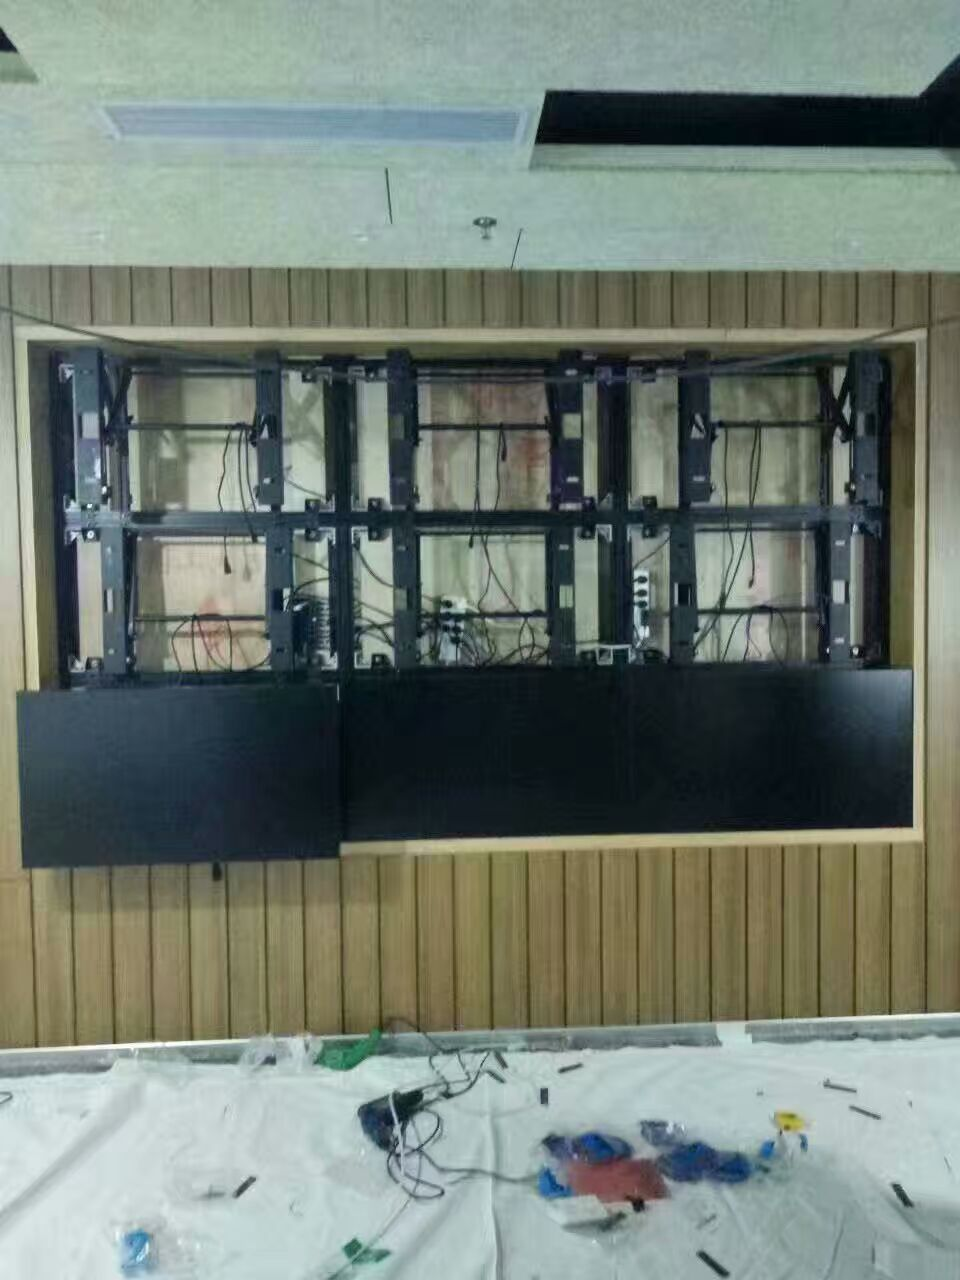 大屏拼接|液晶拼接屏|监视器厂家|液晶监视器|广告机厂家|拼接屏厂家|液晶显示屏|超窄边拼接屏|液晶拼接大屏|液晶电视拼接|高清液晶拼接屛|液晶拼接屏厂家